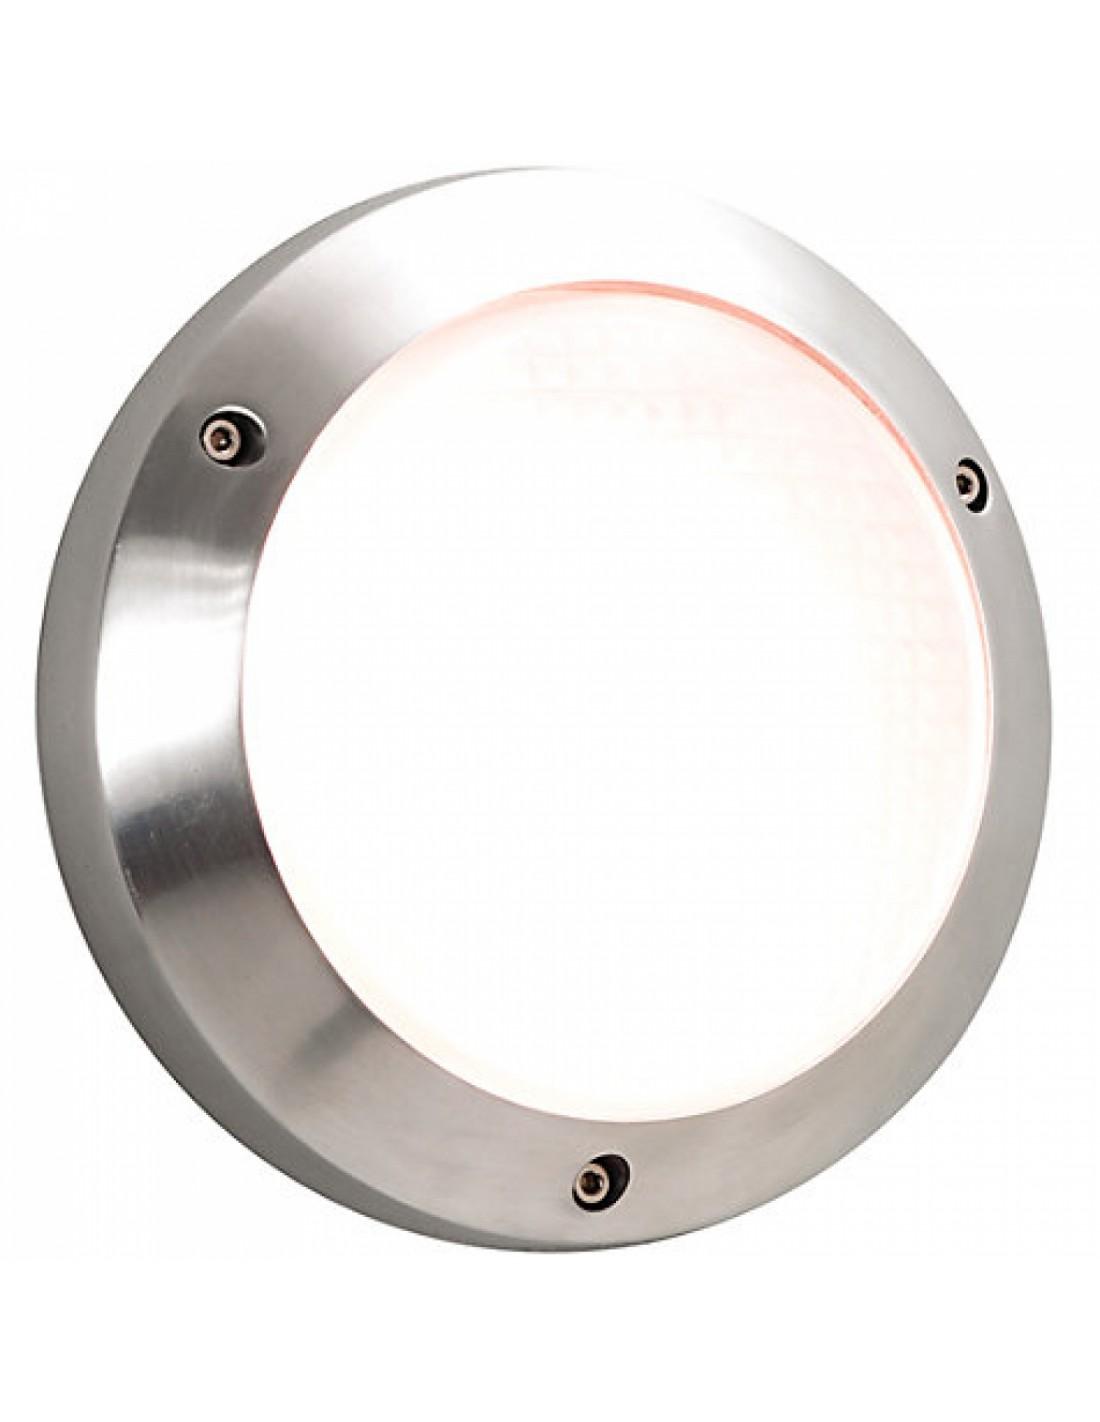 applique toronto 170 aluminium détails astro lighting